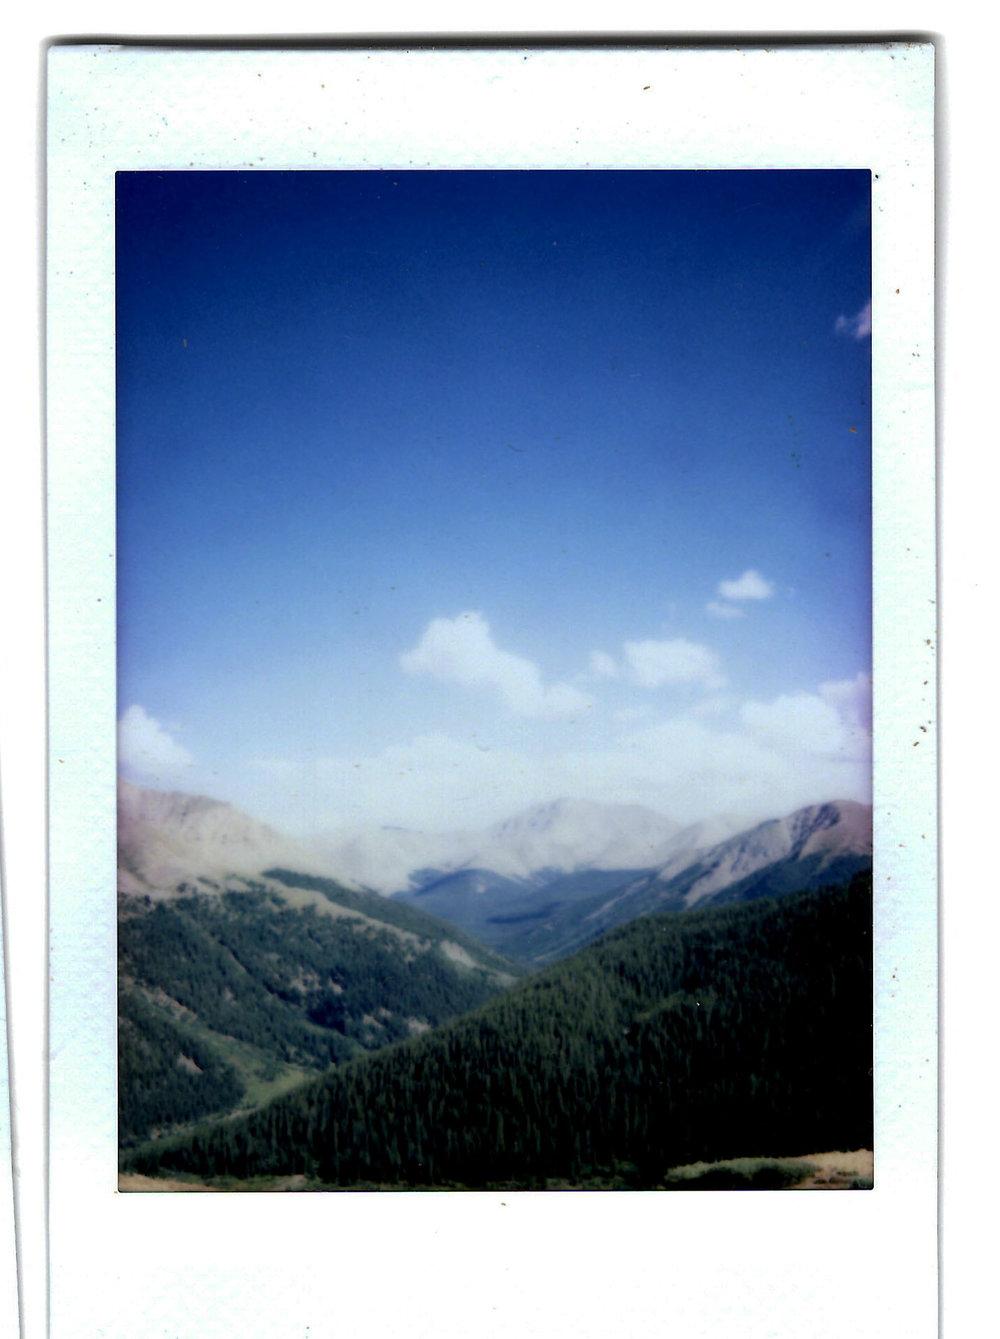 Colorado, 2017